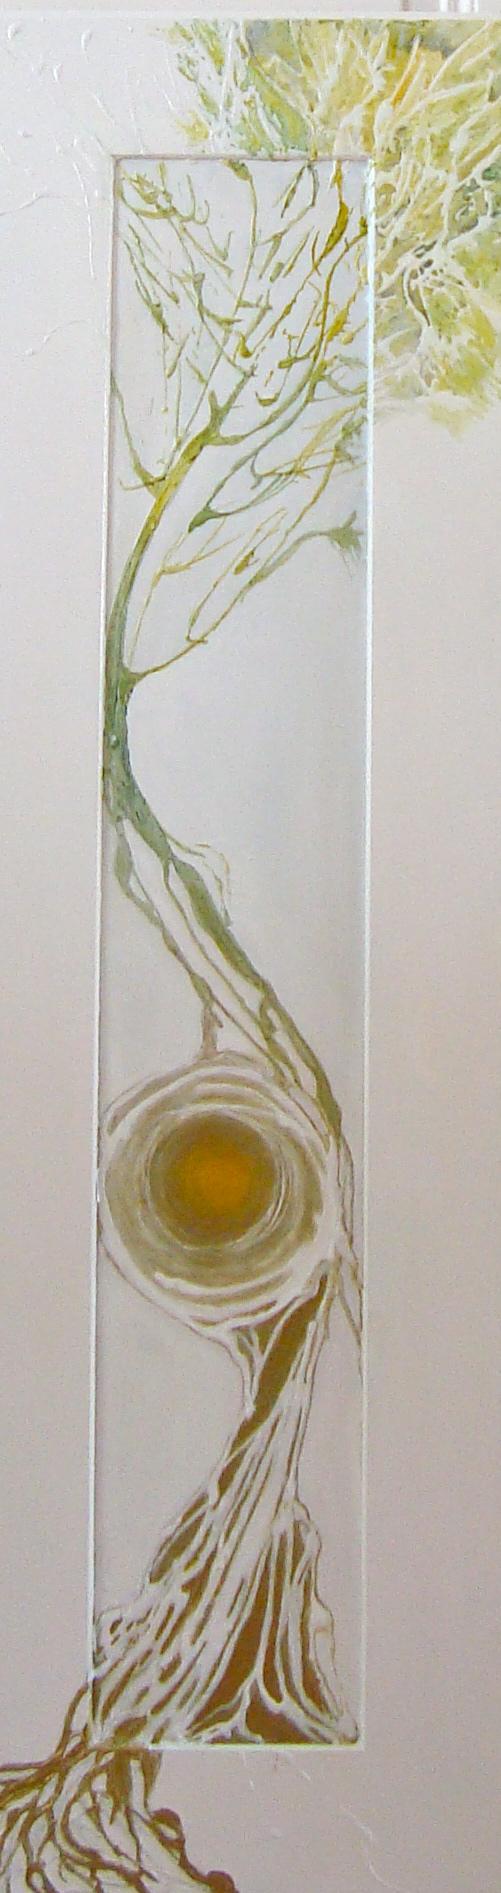 Goldbaum Acryl auf Hartfaserplatte 40 x 120